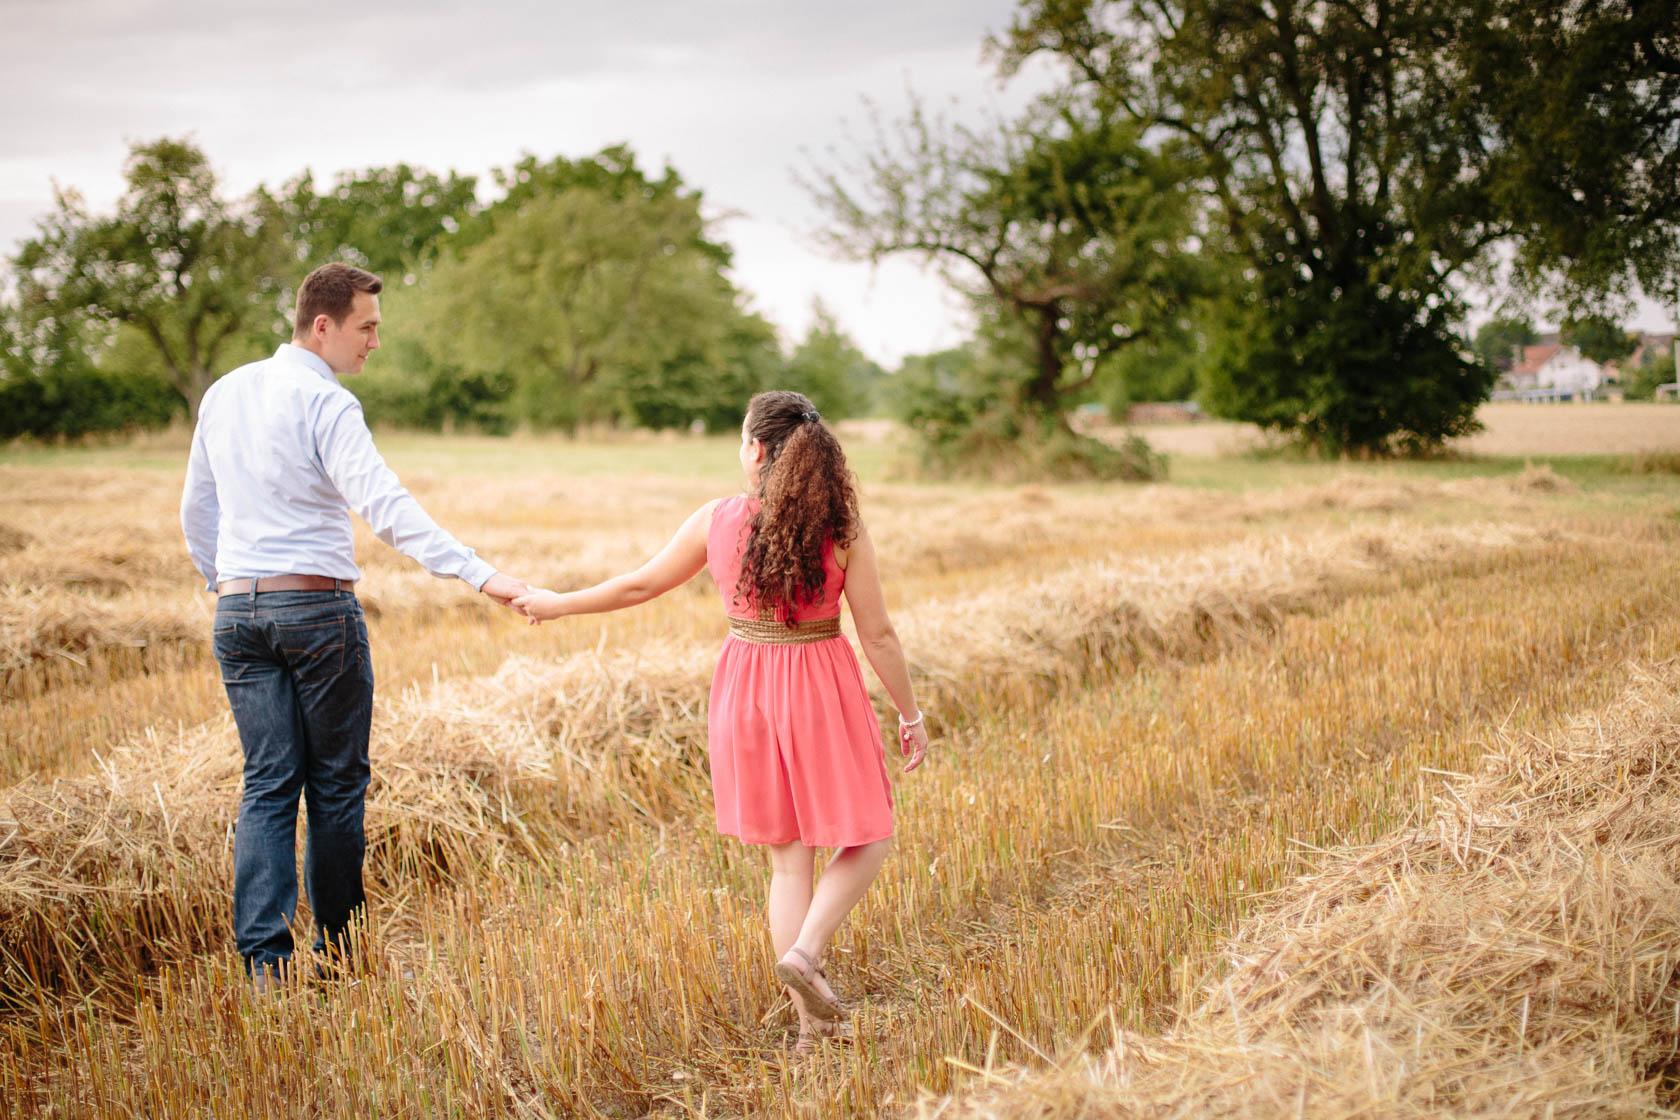 Engagement Fotoshooting von Laura und Viktor in Karlsbad gemähtest Kornfeld bei der Barbara Kapelle